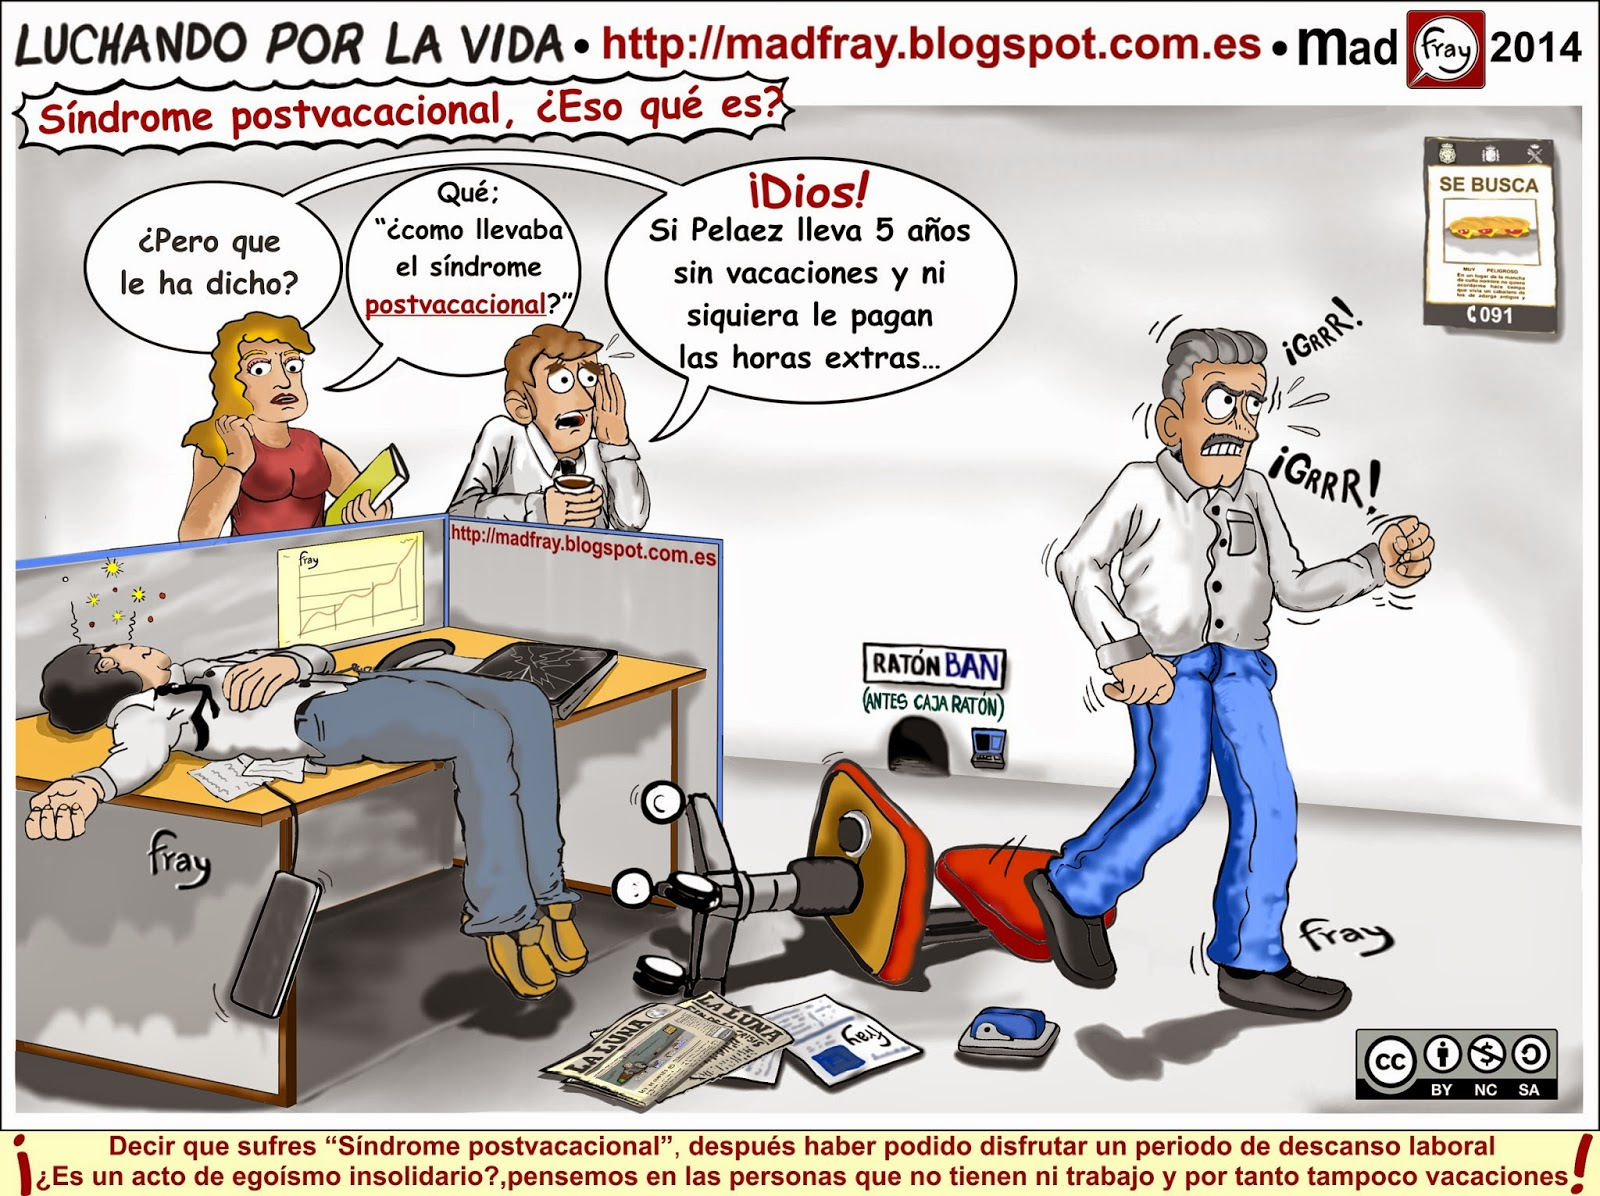 """Viñeta de humor """"El síndrome postvacacional"""", enfermedad promovida por los medios de comunicación. Mad Fray"""